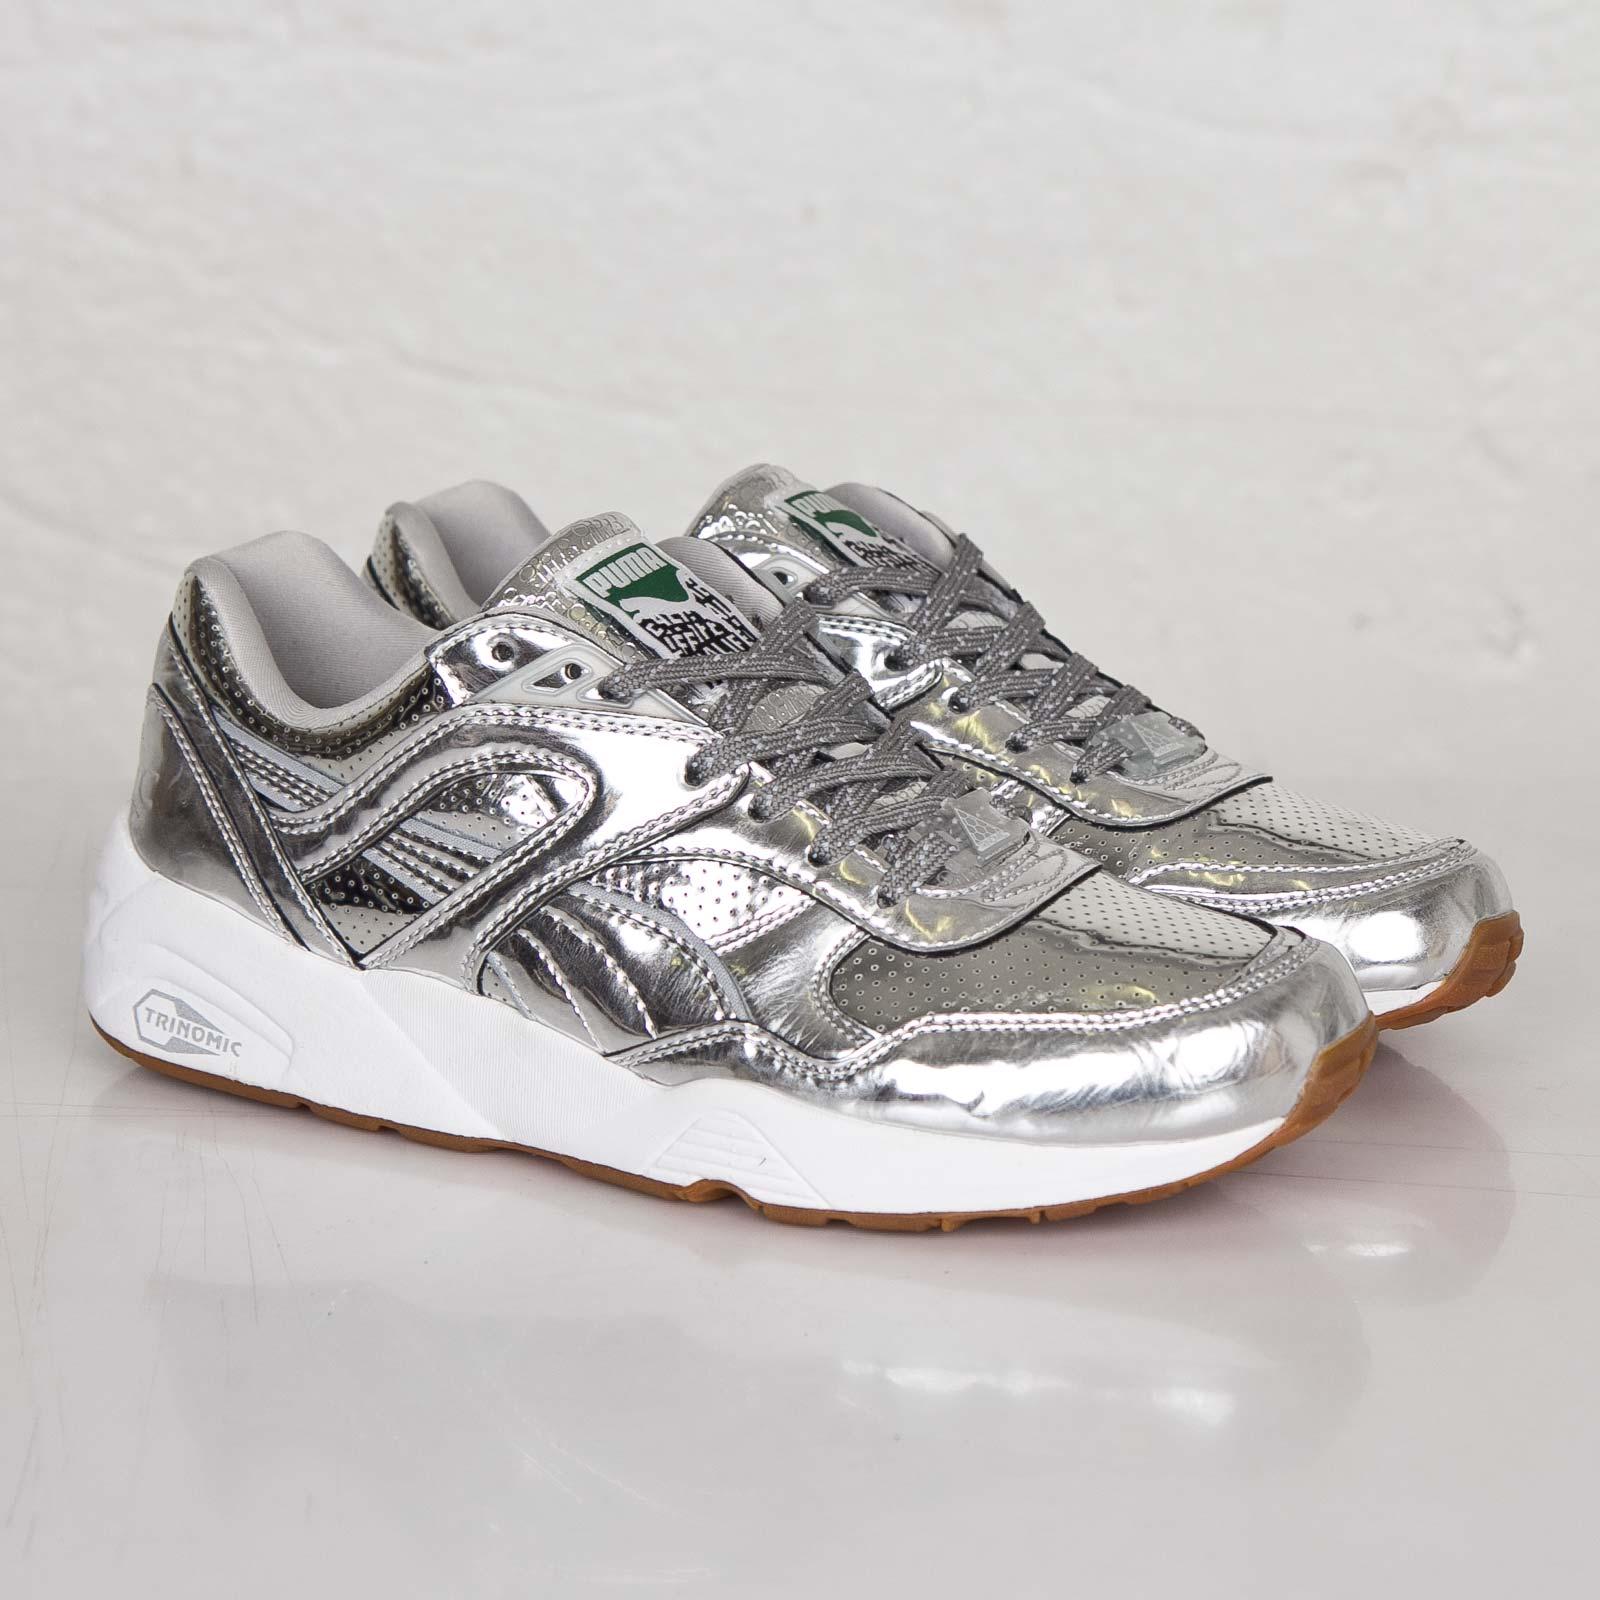 Puma R698 X TRINOMIC X ALIFE - 357736-01 - Sneakersnstuff  d6837a4cf984